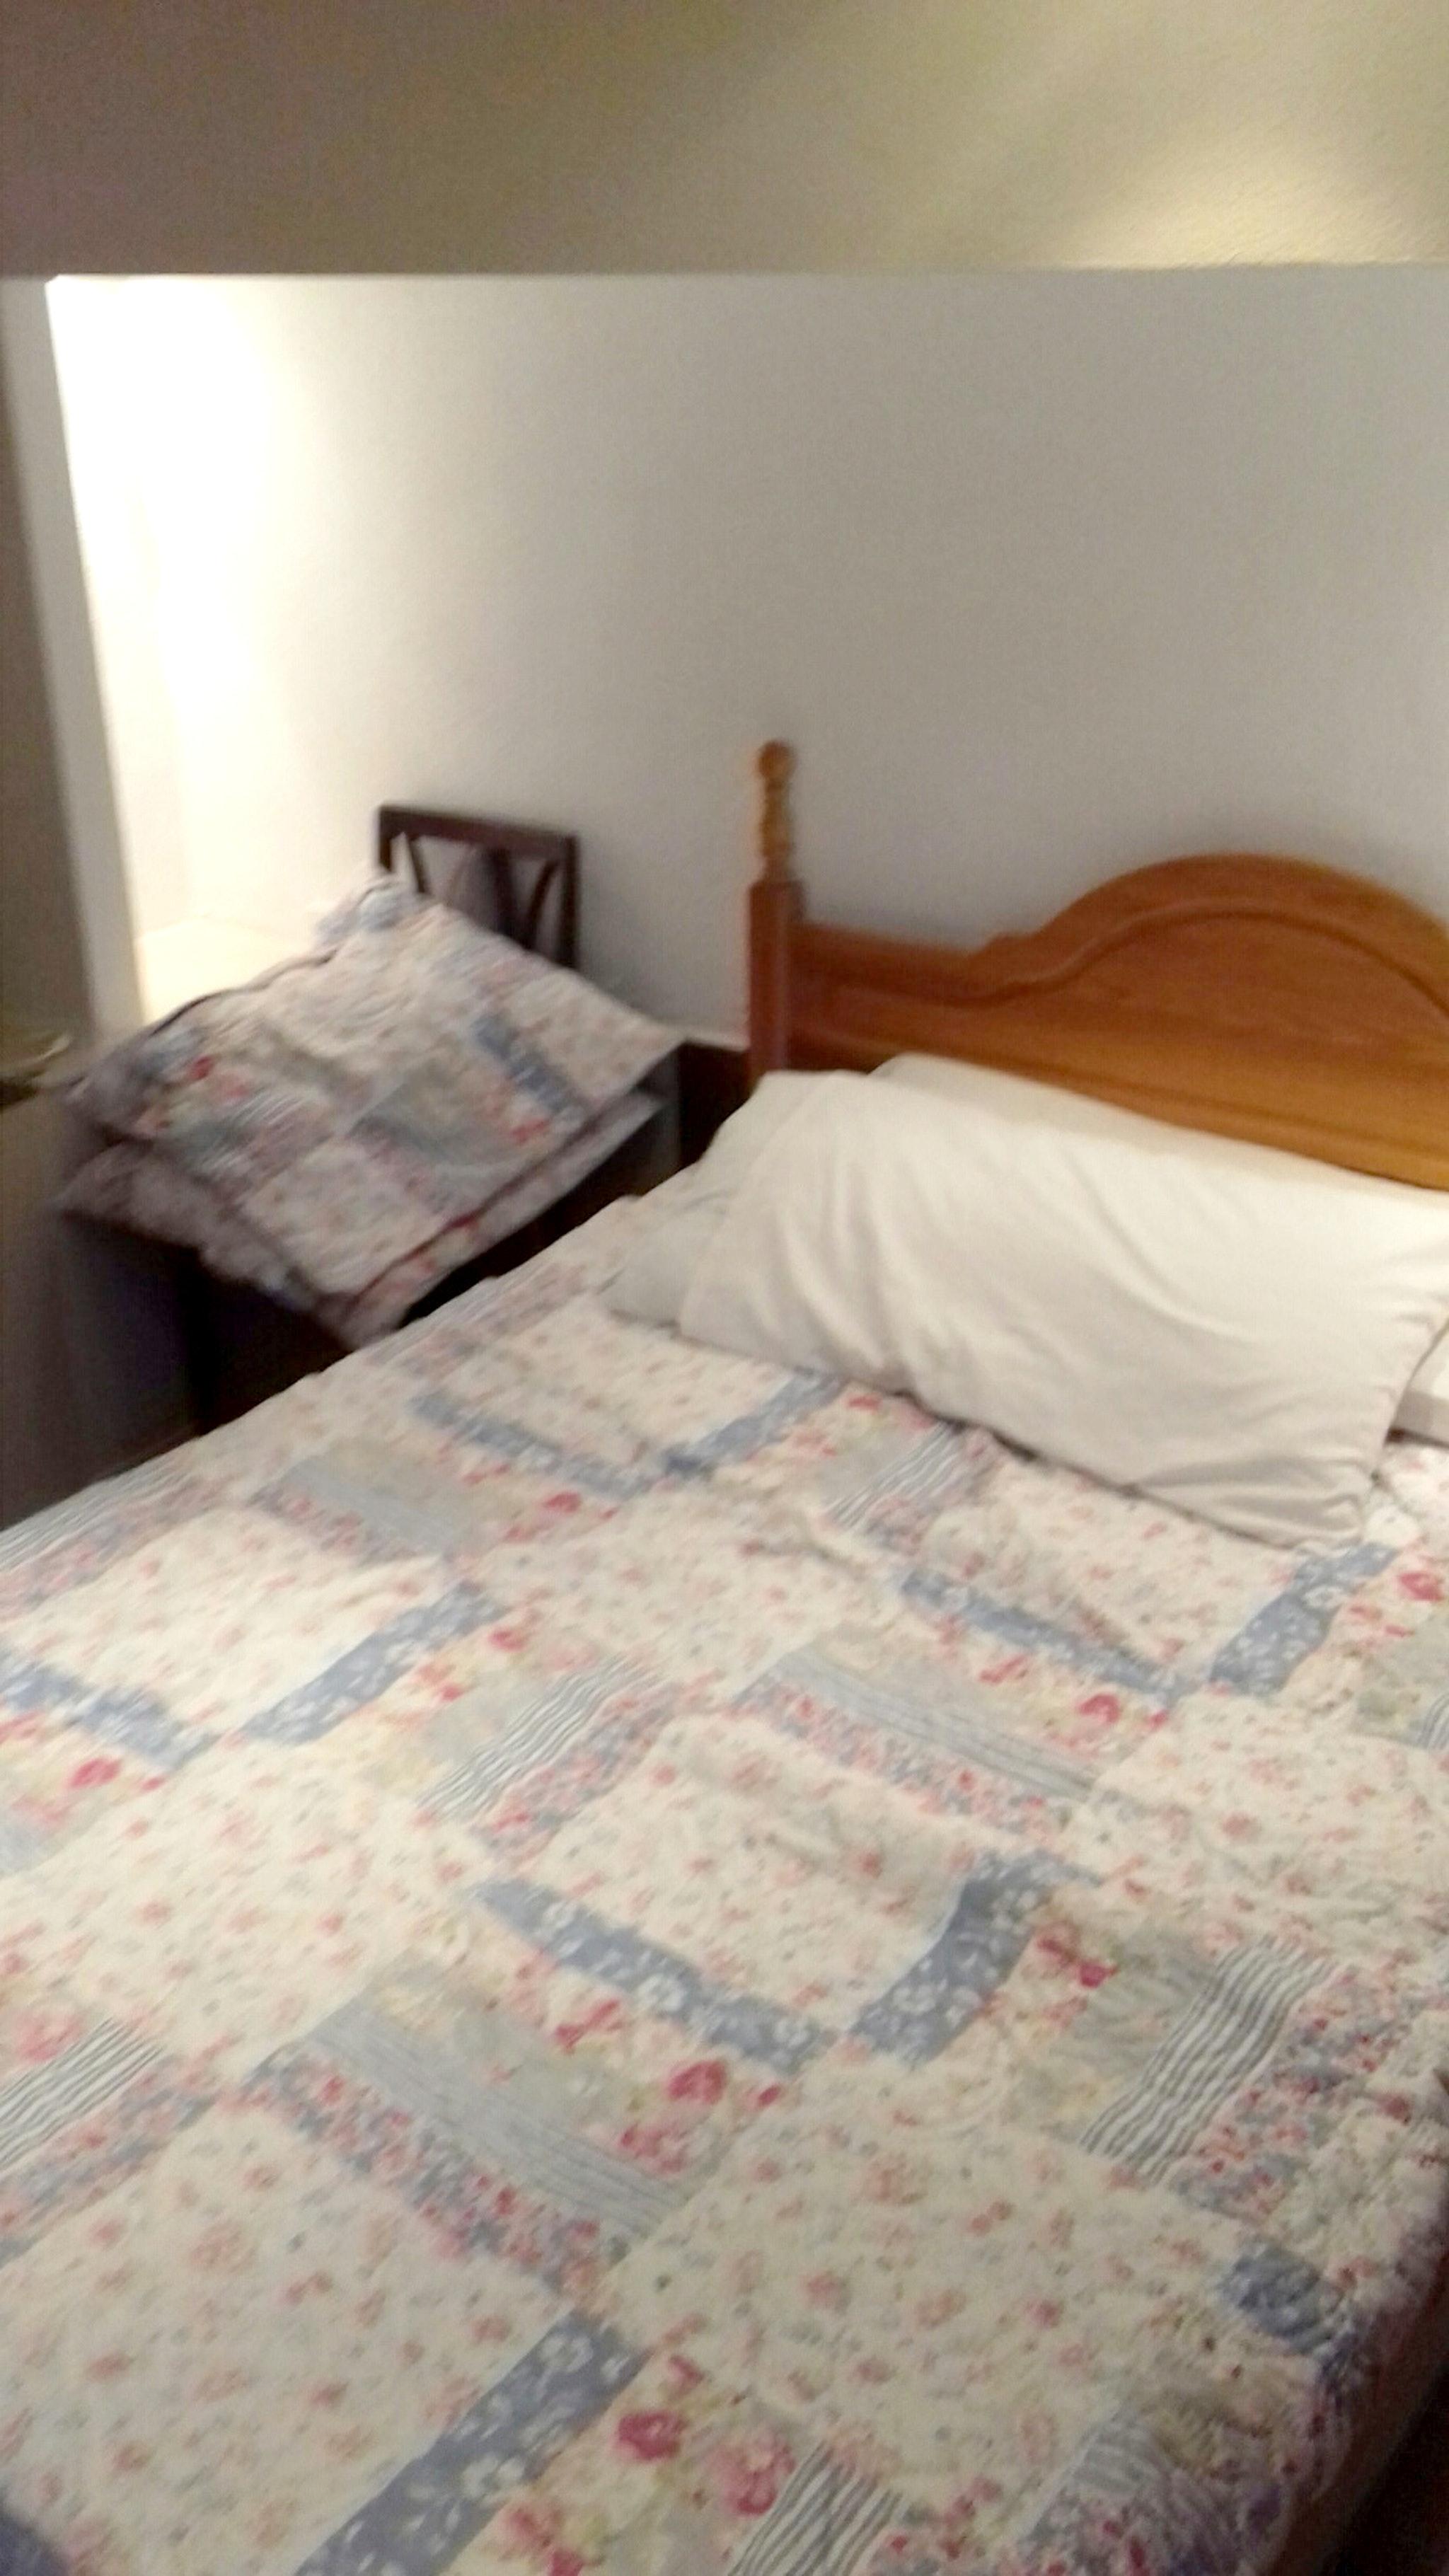 Maison de vacances Villa mit 2 Schlafzimmern in Mazarrón mit toller Aussicht auf die Berge, privatem Pool, ei (2632538), Mazarron, Costa Calida, Murcie, Espagne, image 14